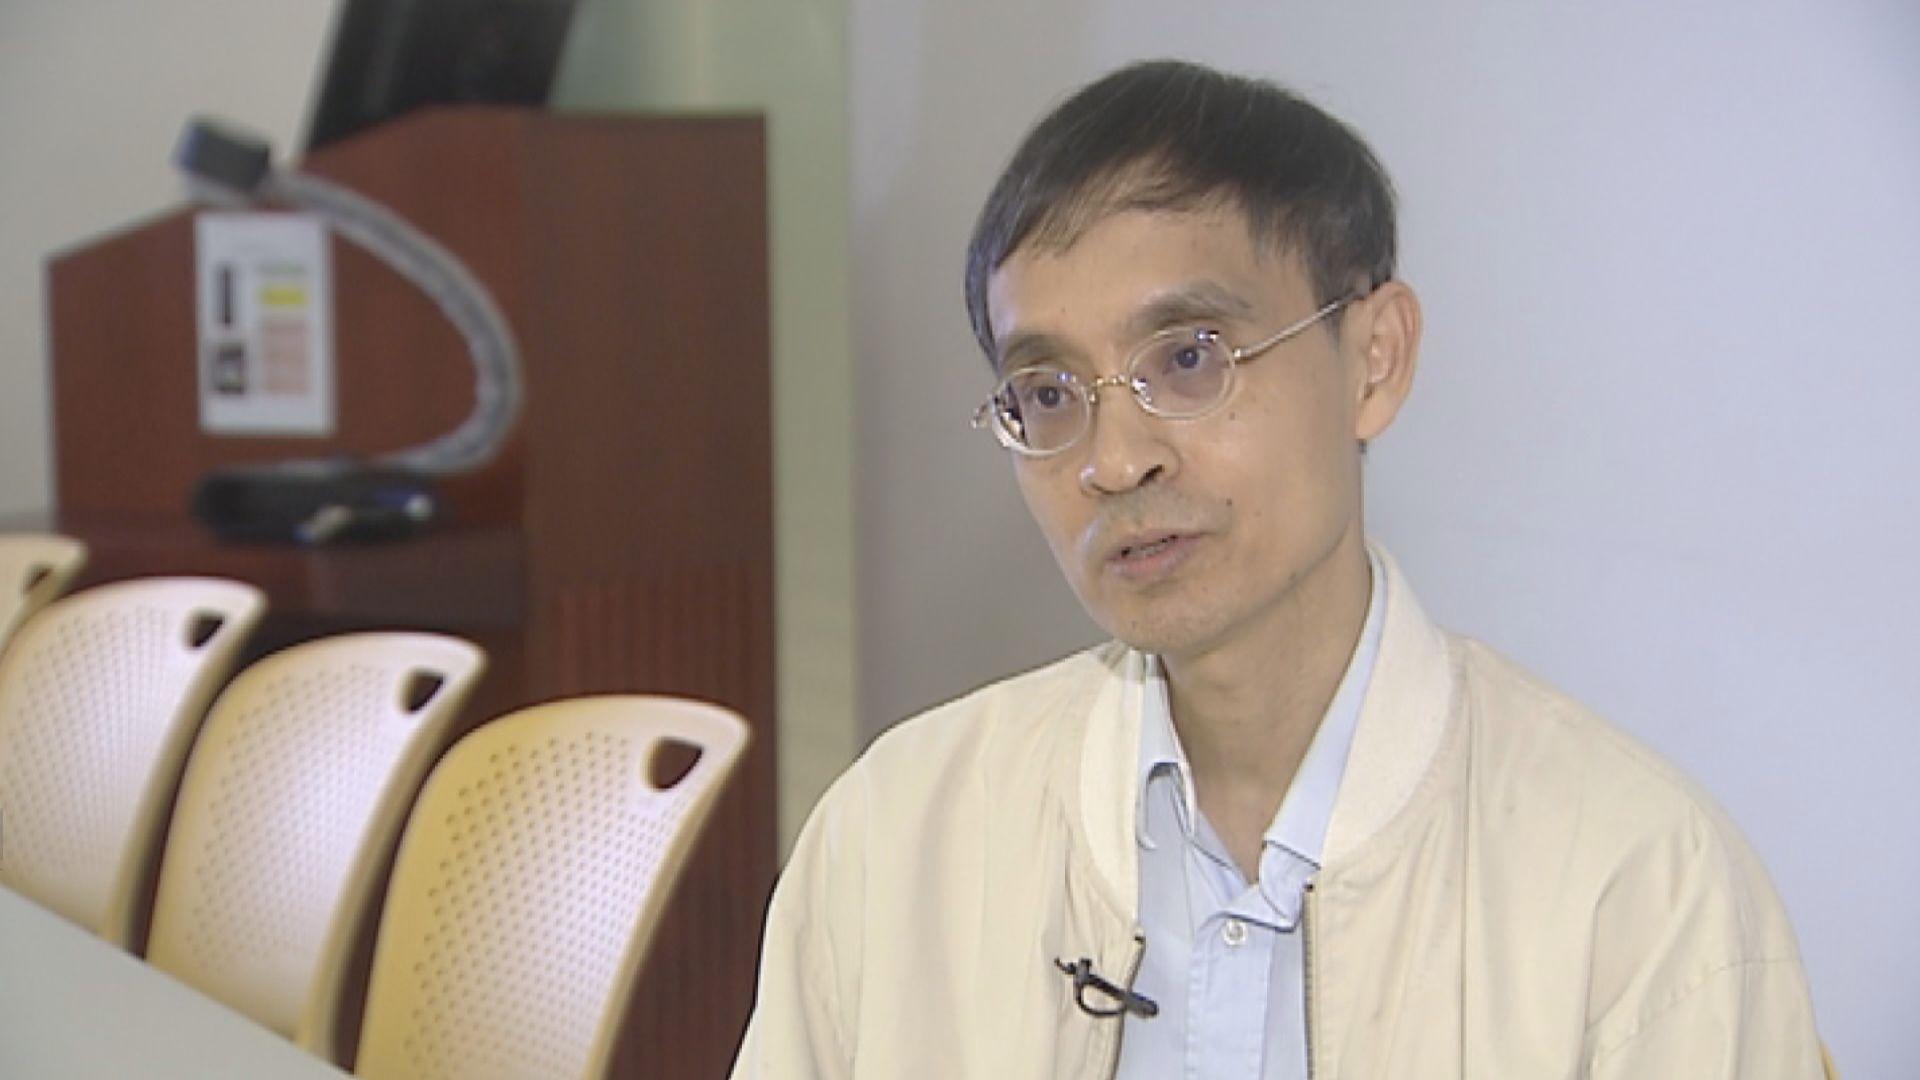 【元朗襲擊】陳弘毅:事件是對法治最嚴峻挑戰